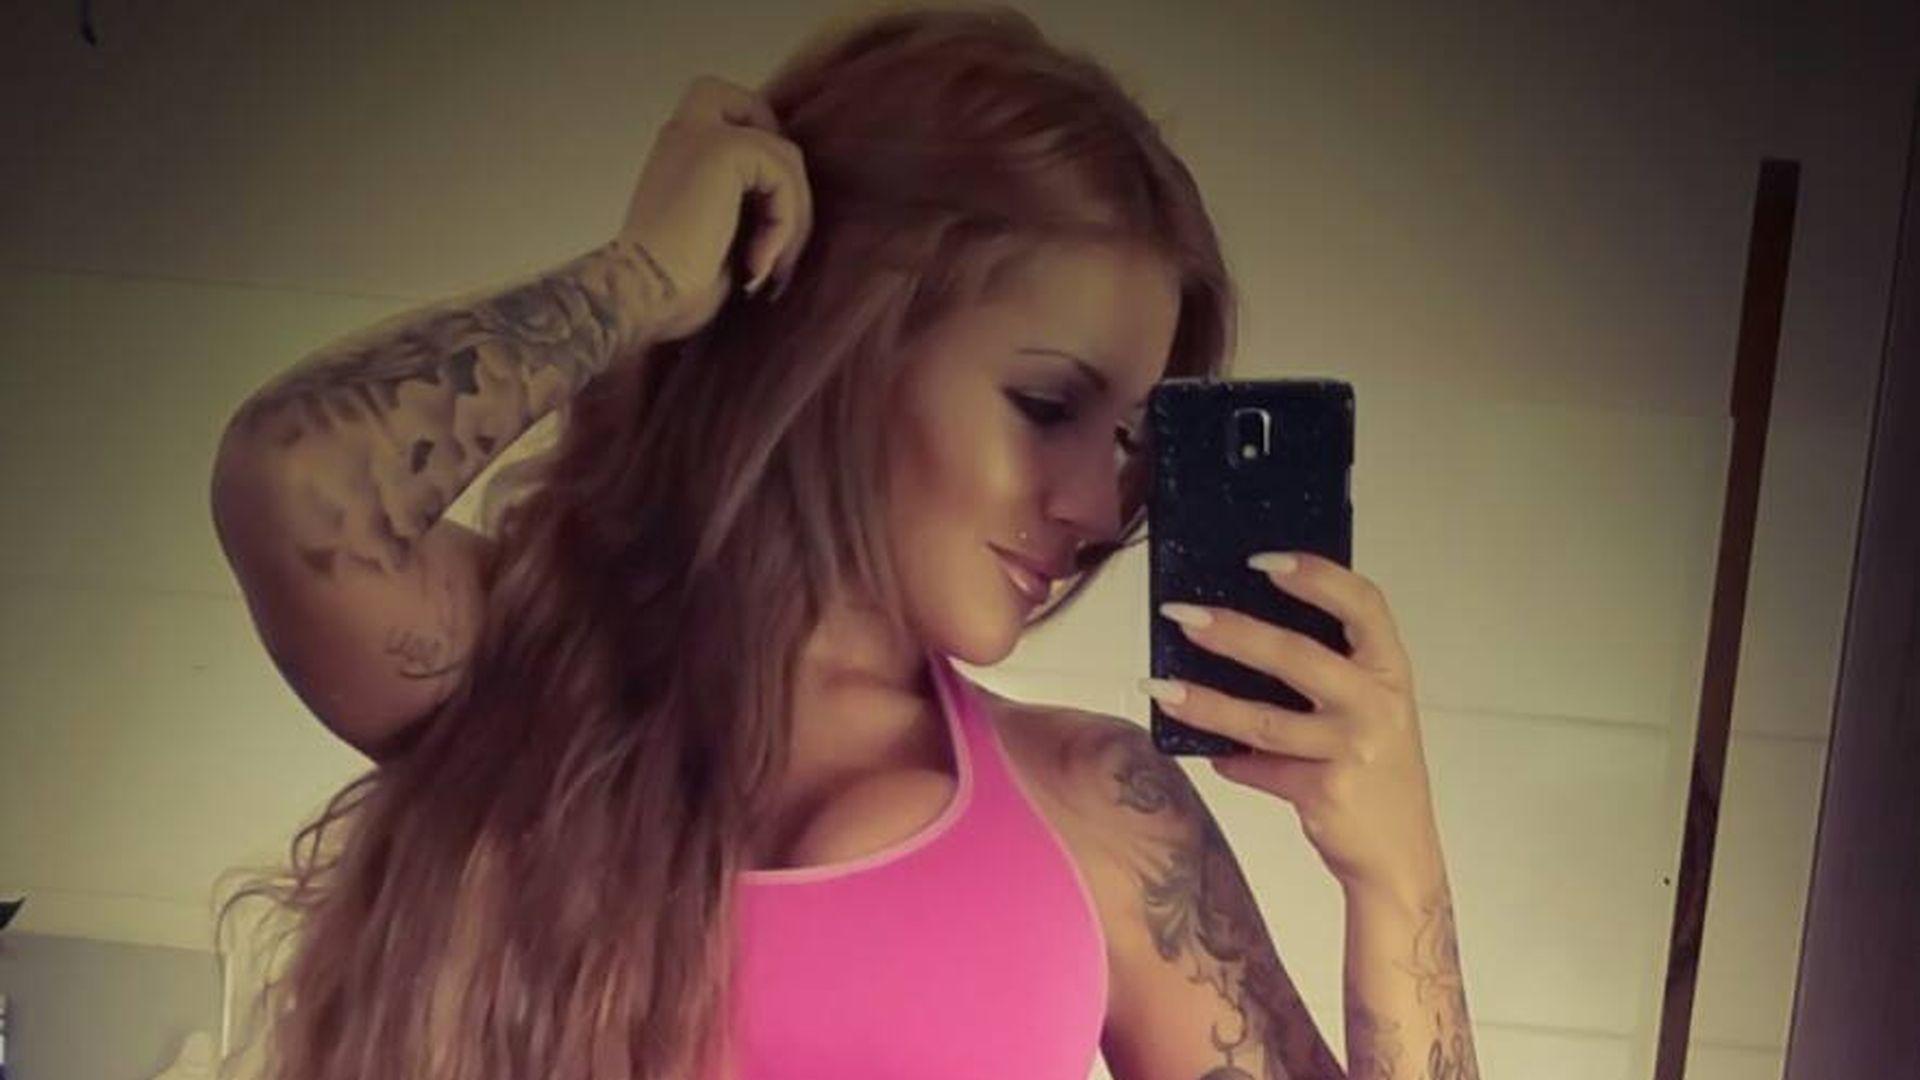 bunter body jj sexy erkl rt ihr neuestes tattoo. Black Bedroom Furniture Sets. Home Design Ideas